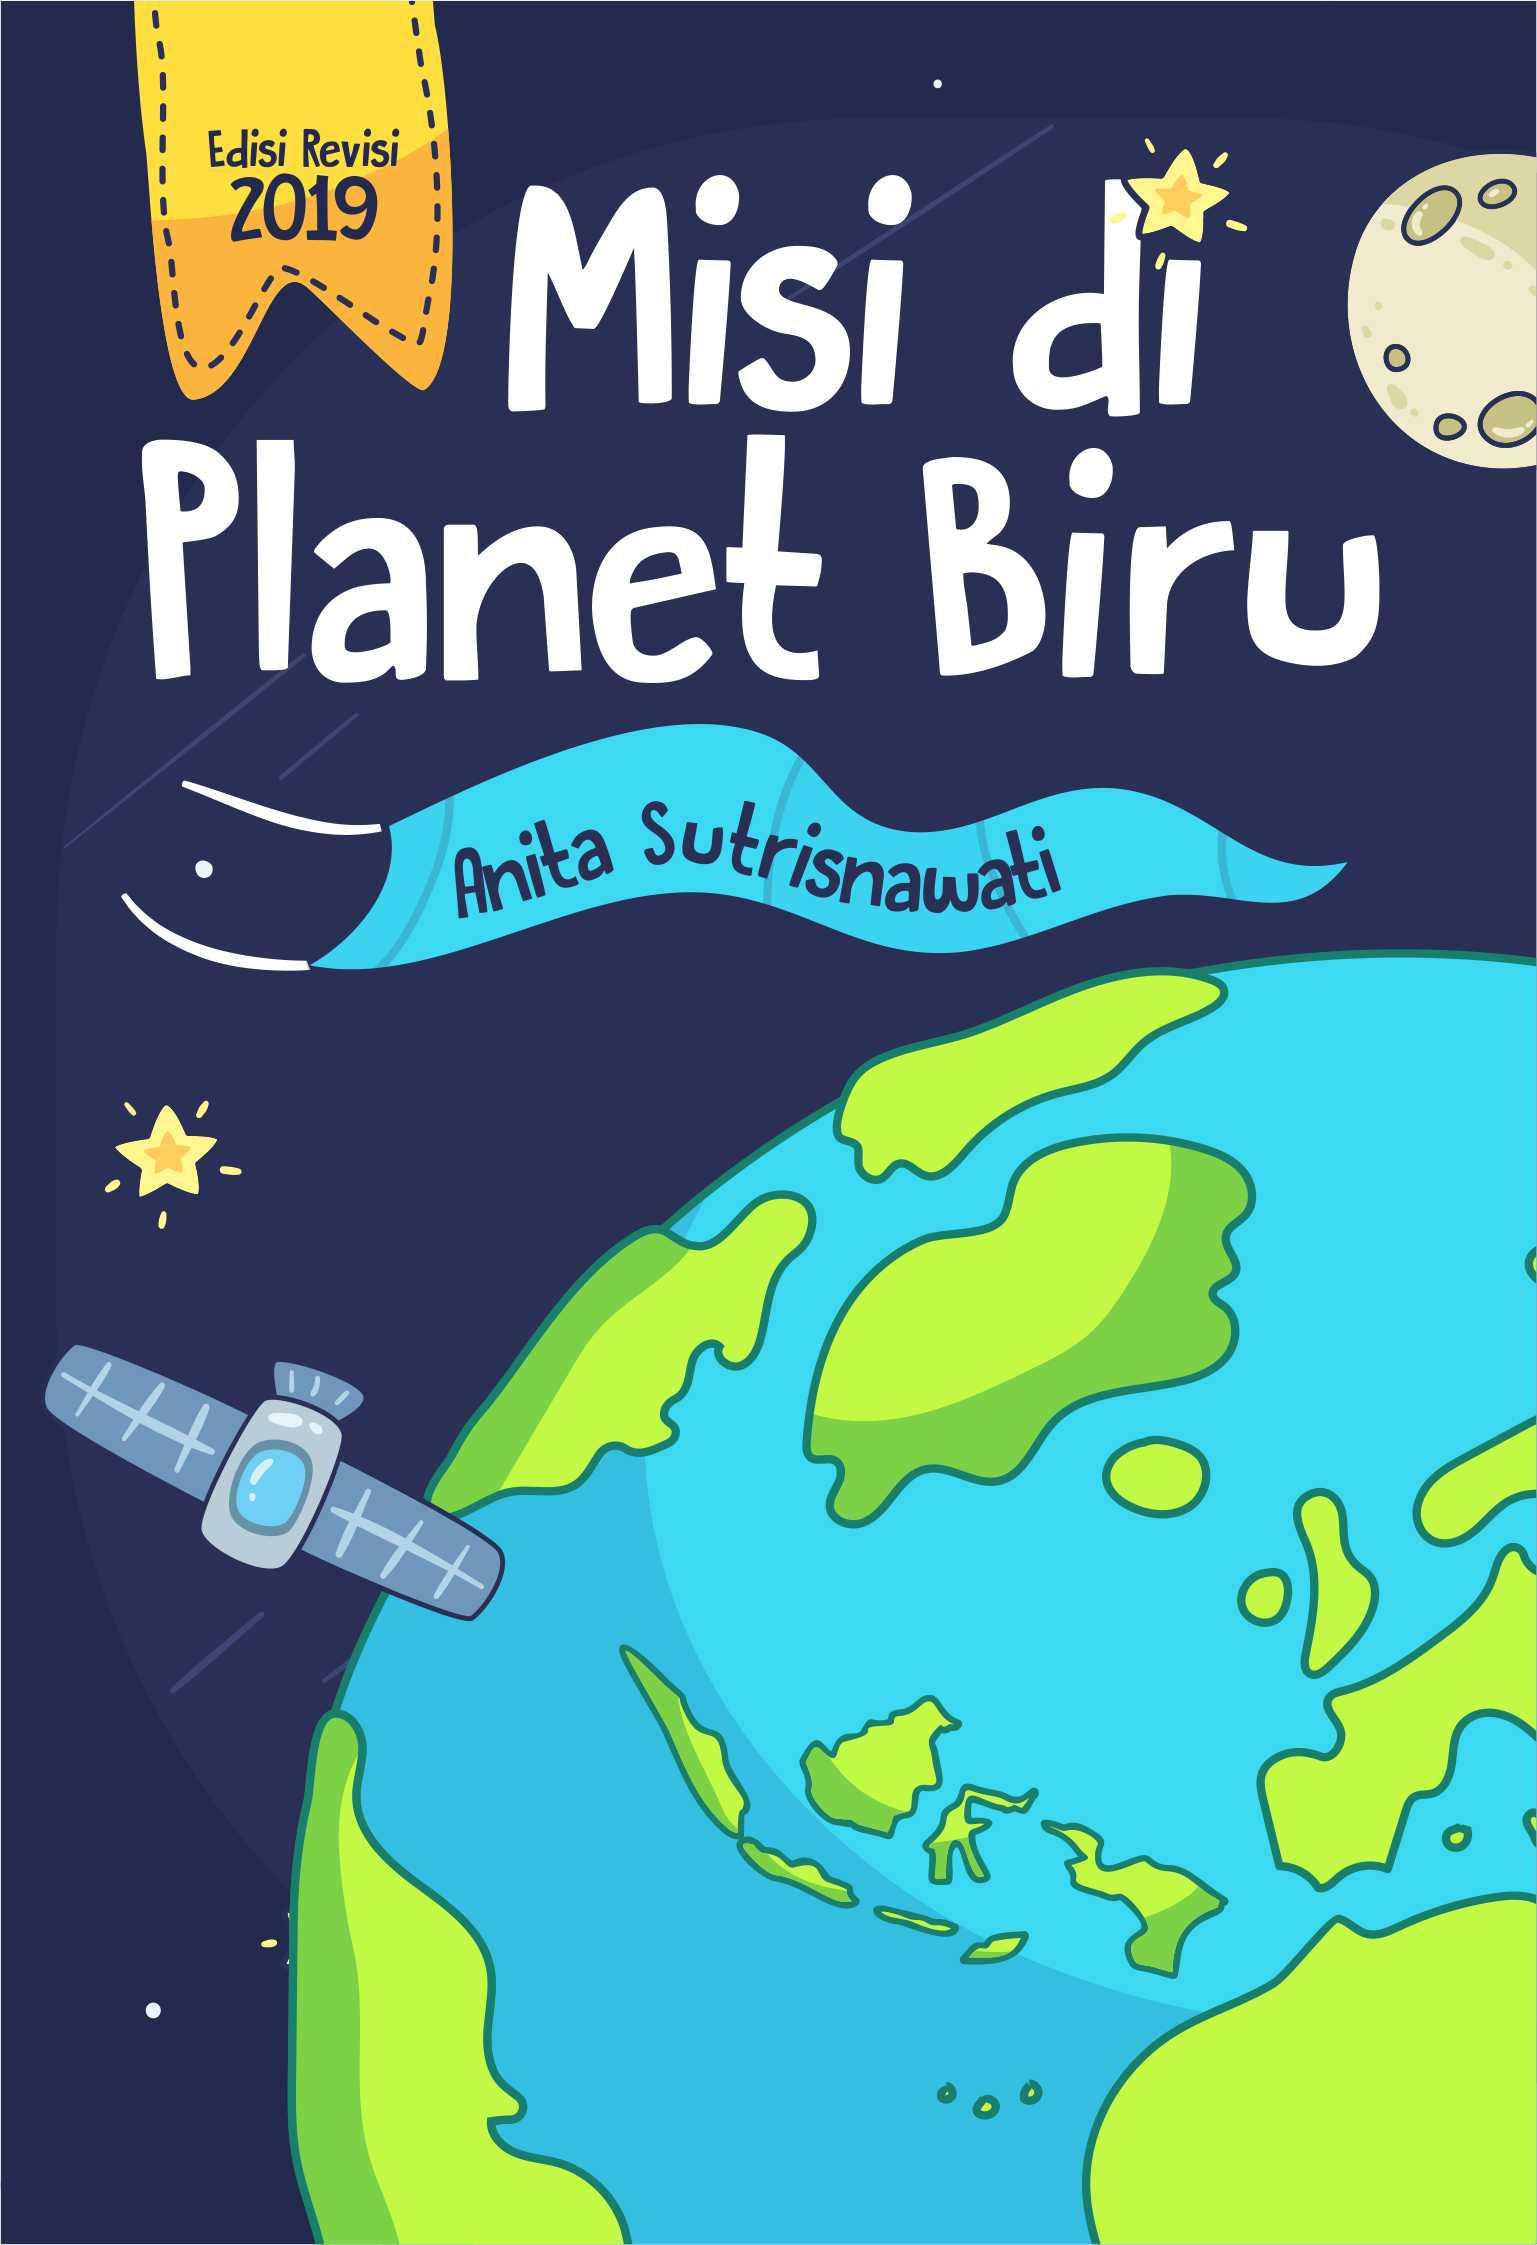 Misi di planet biru edisi 2019 [sumber elektronis]